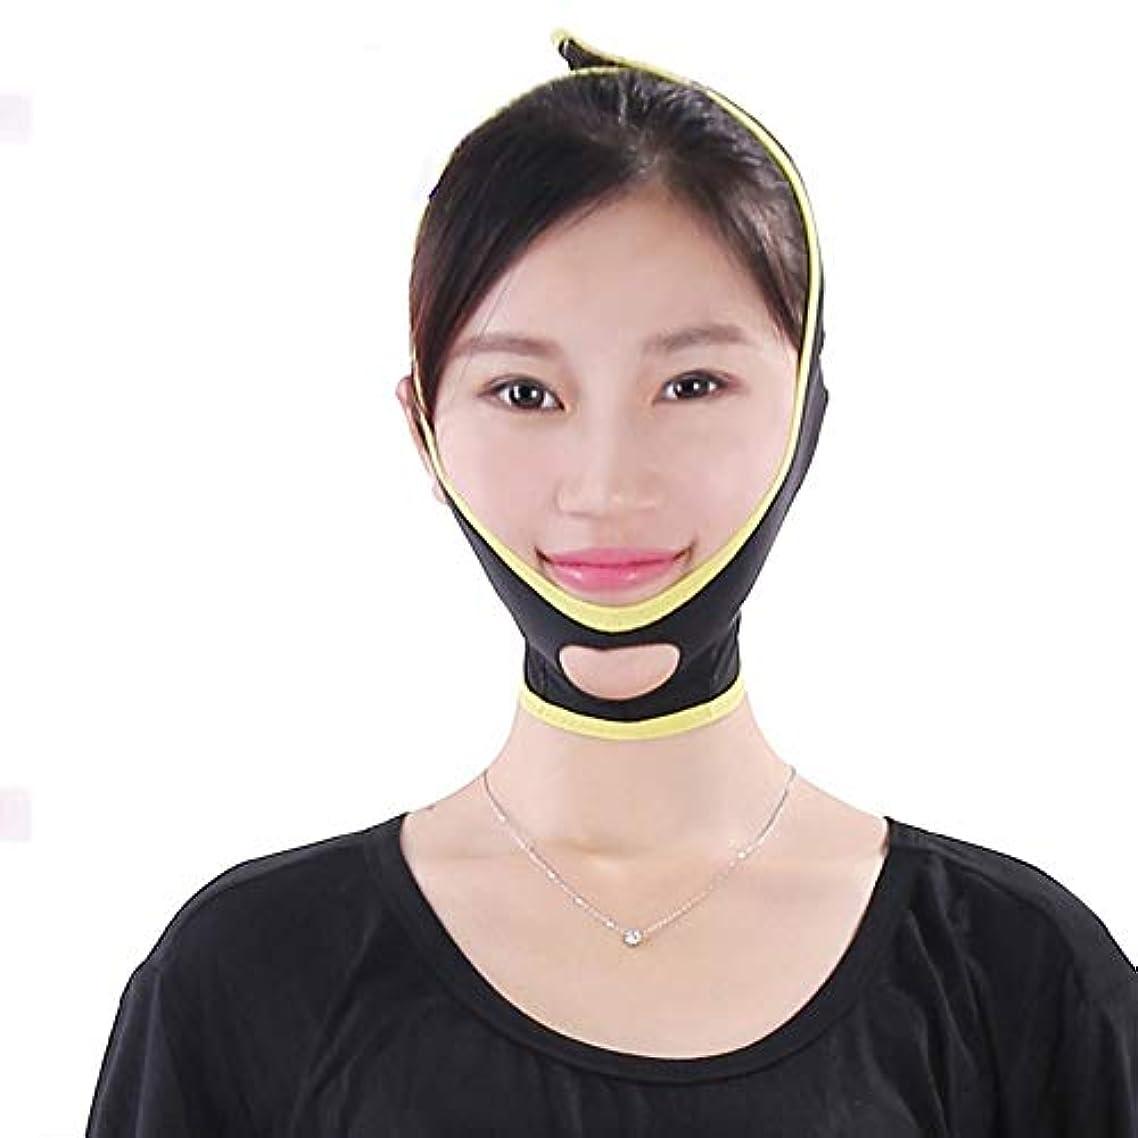 貢献最初に死にかけているVフェイスマスク、フェイスリフティングアーティファクト、美容マスク、顔のしわ防止、減量、二重あご